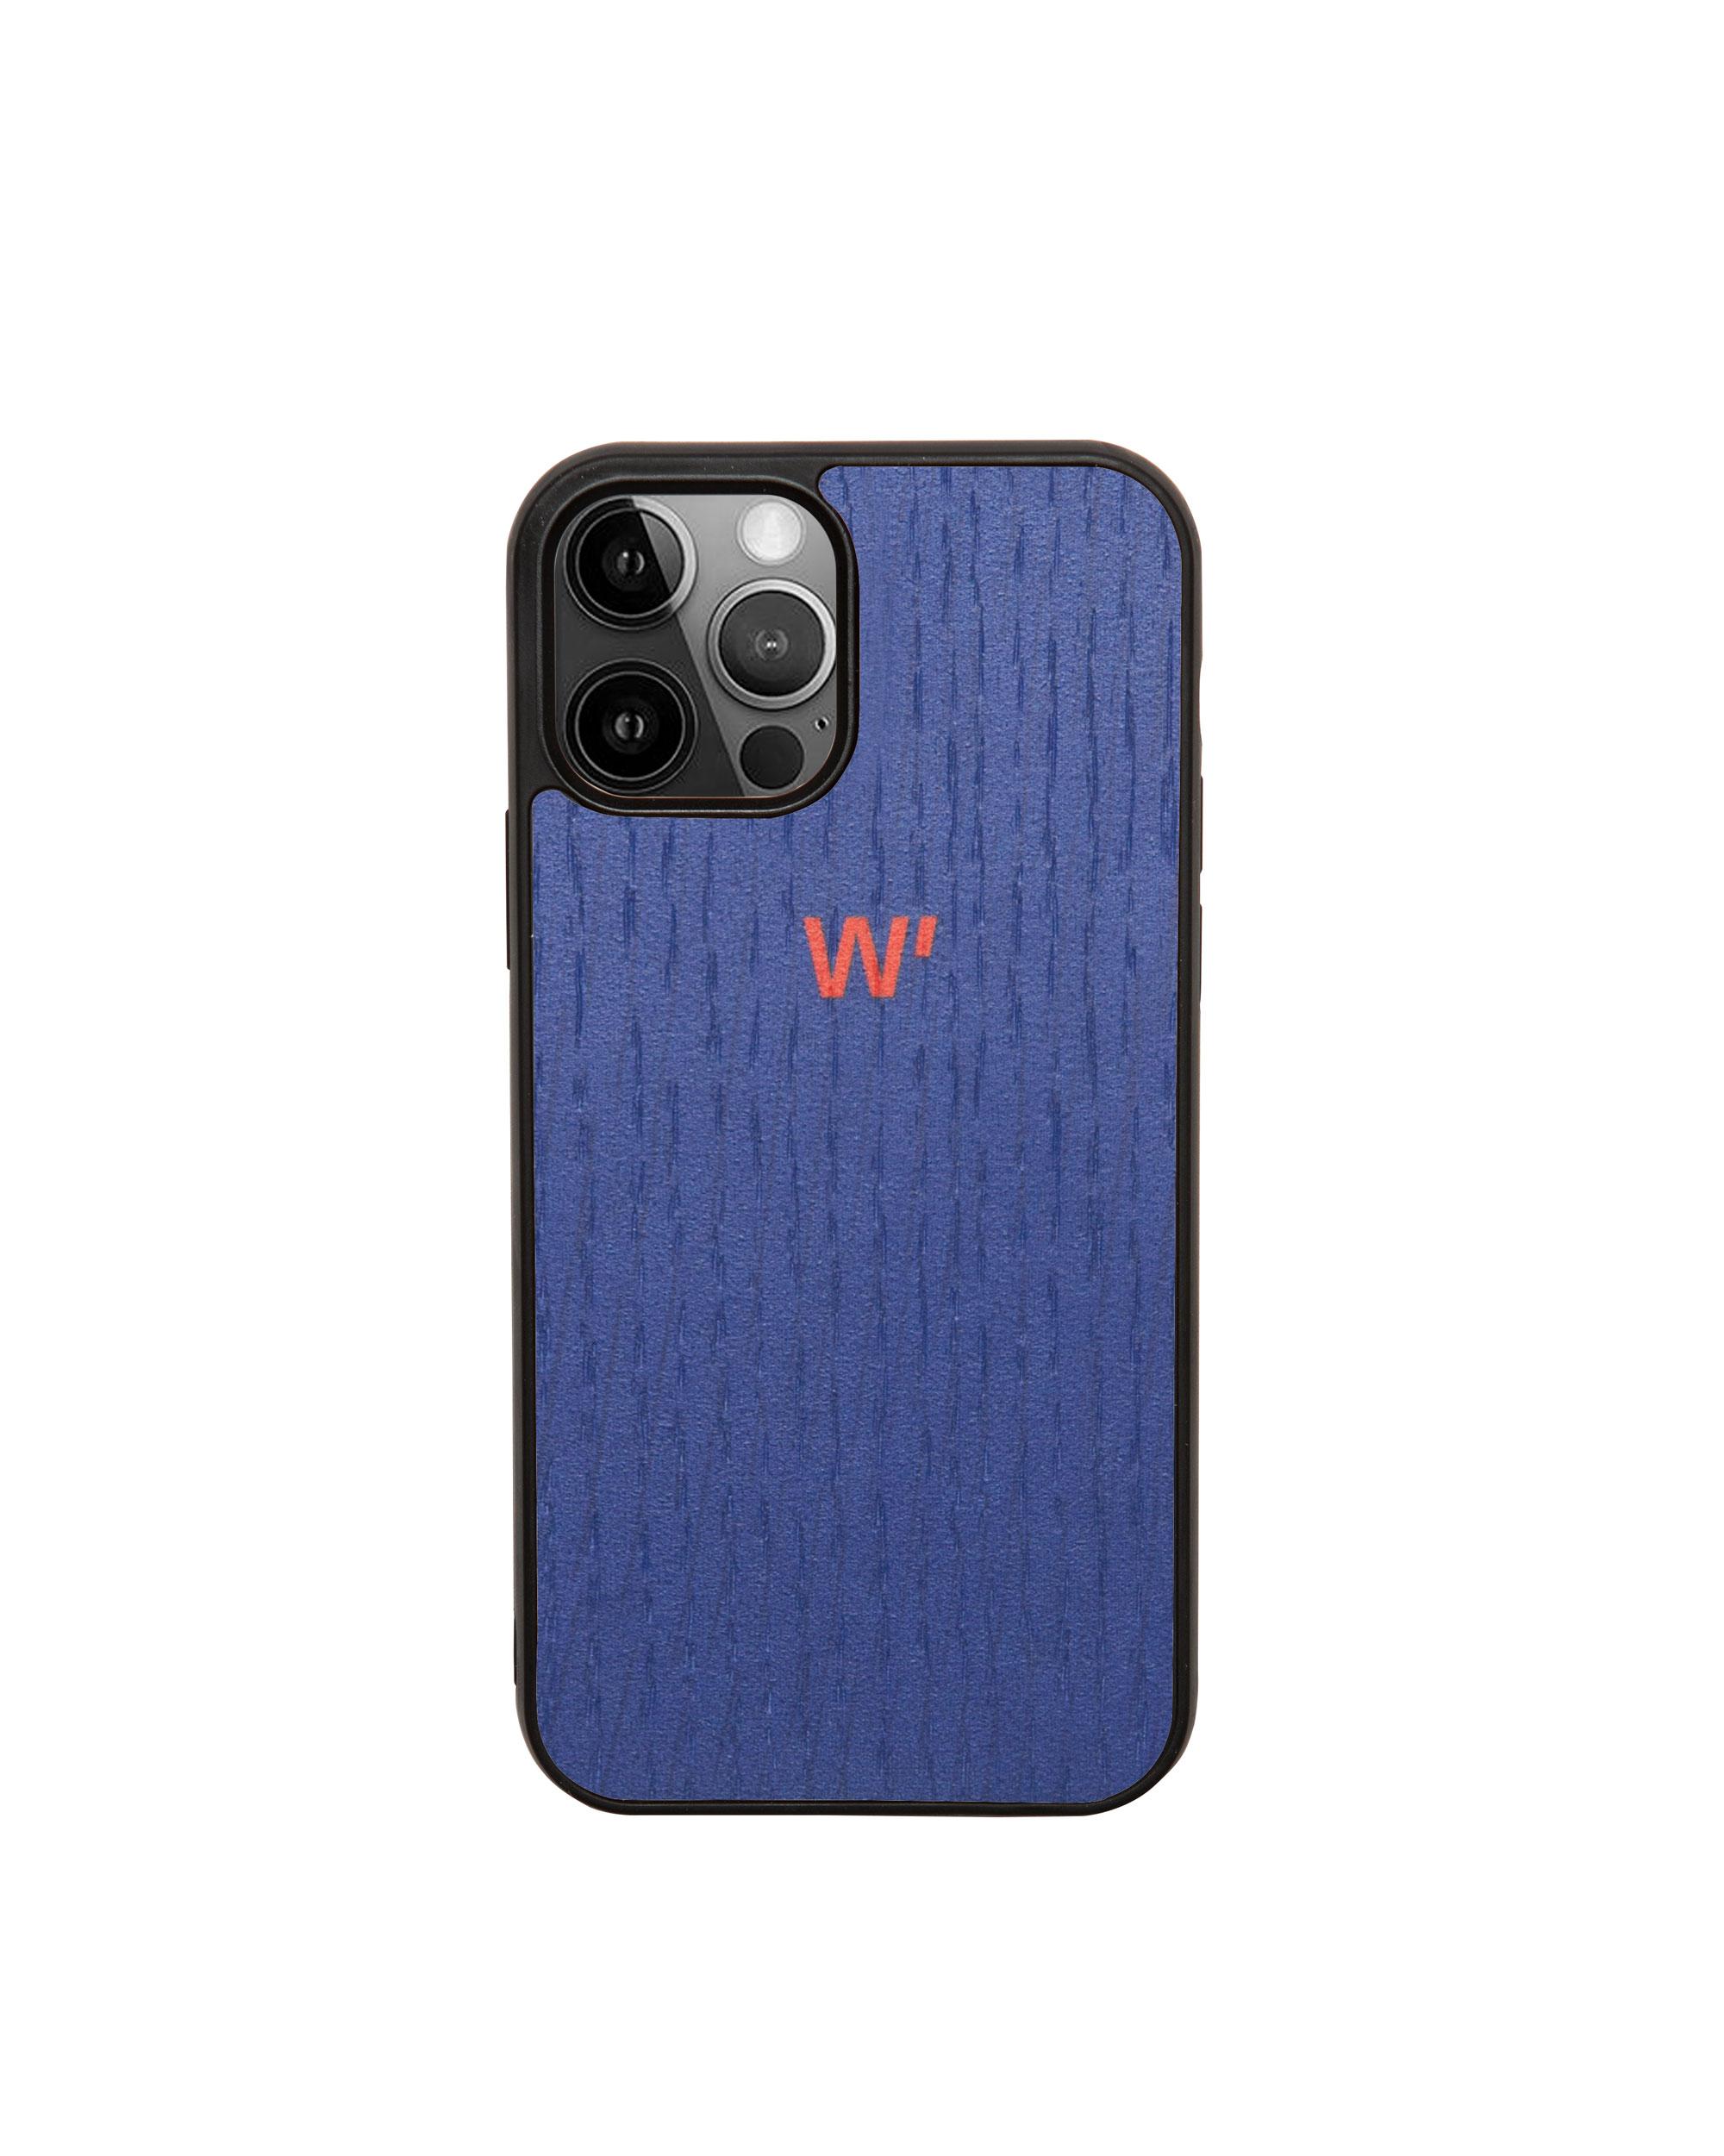 DEEP BLUE - Coque en bois pour iPhone 12/12 pro (photo)